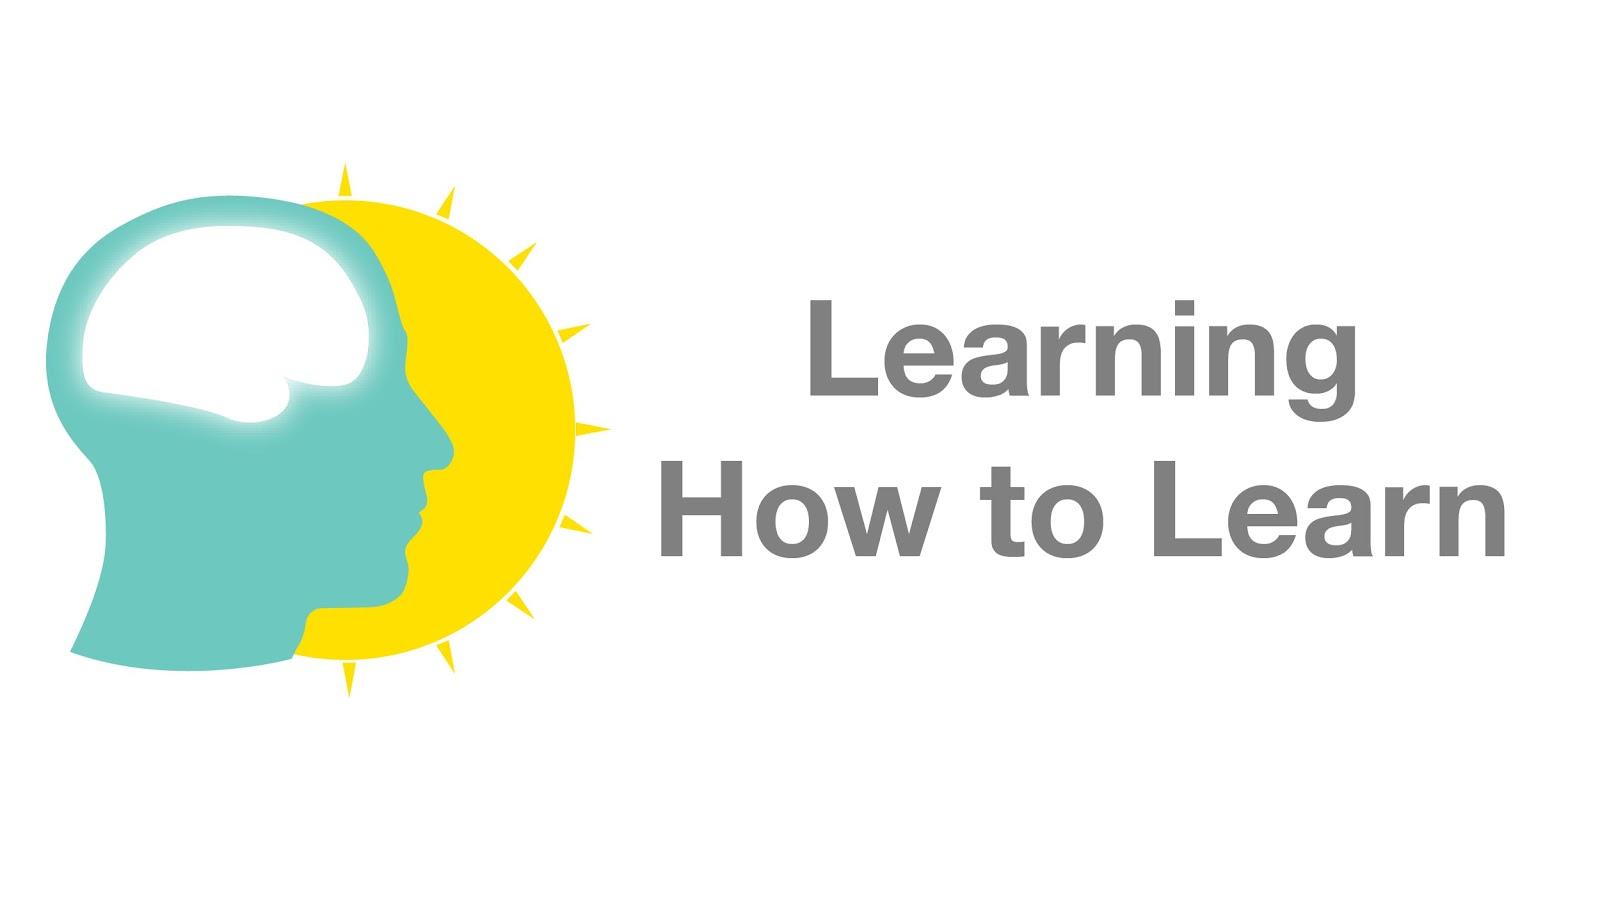 Entrepreneurship certification #21: Learning How To Learn